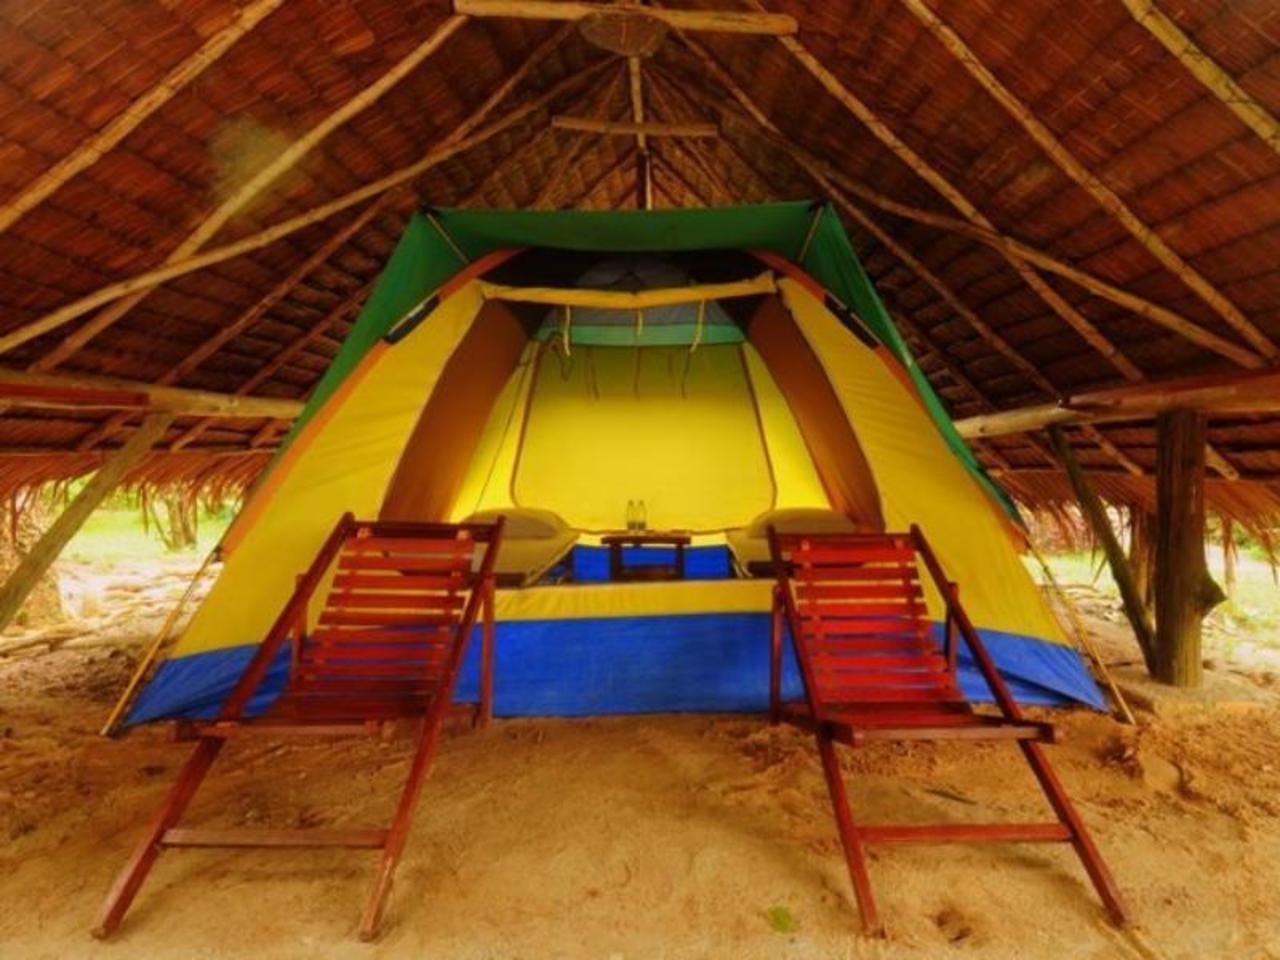 สวัสดี ลากูน แคมปิง รีสอร์ท (Sawasdee Lagoon Camping Resort)